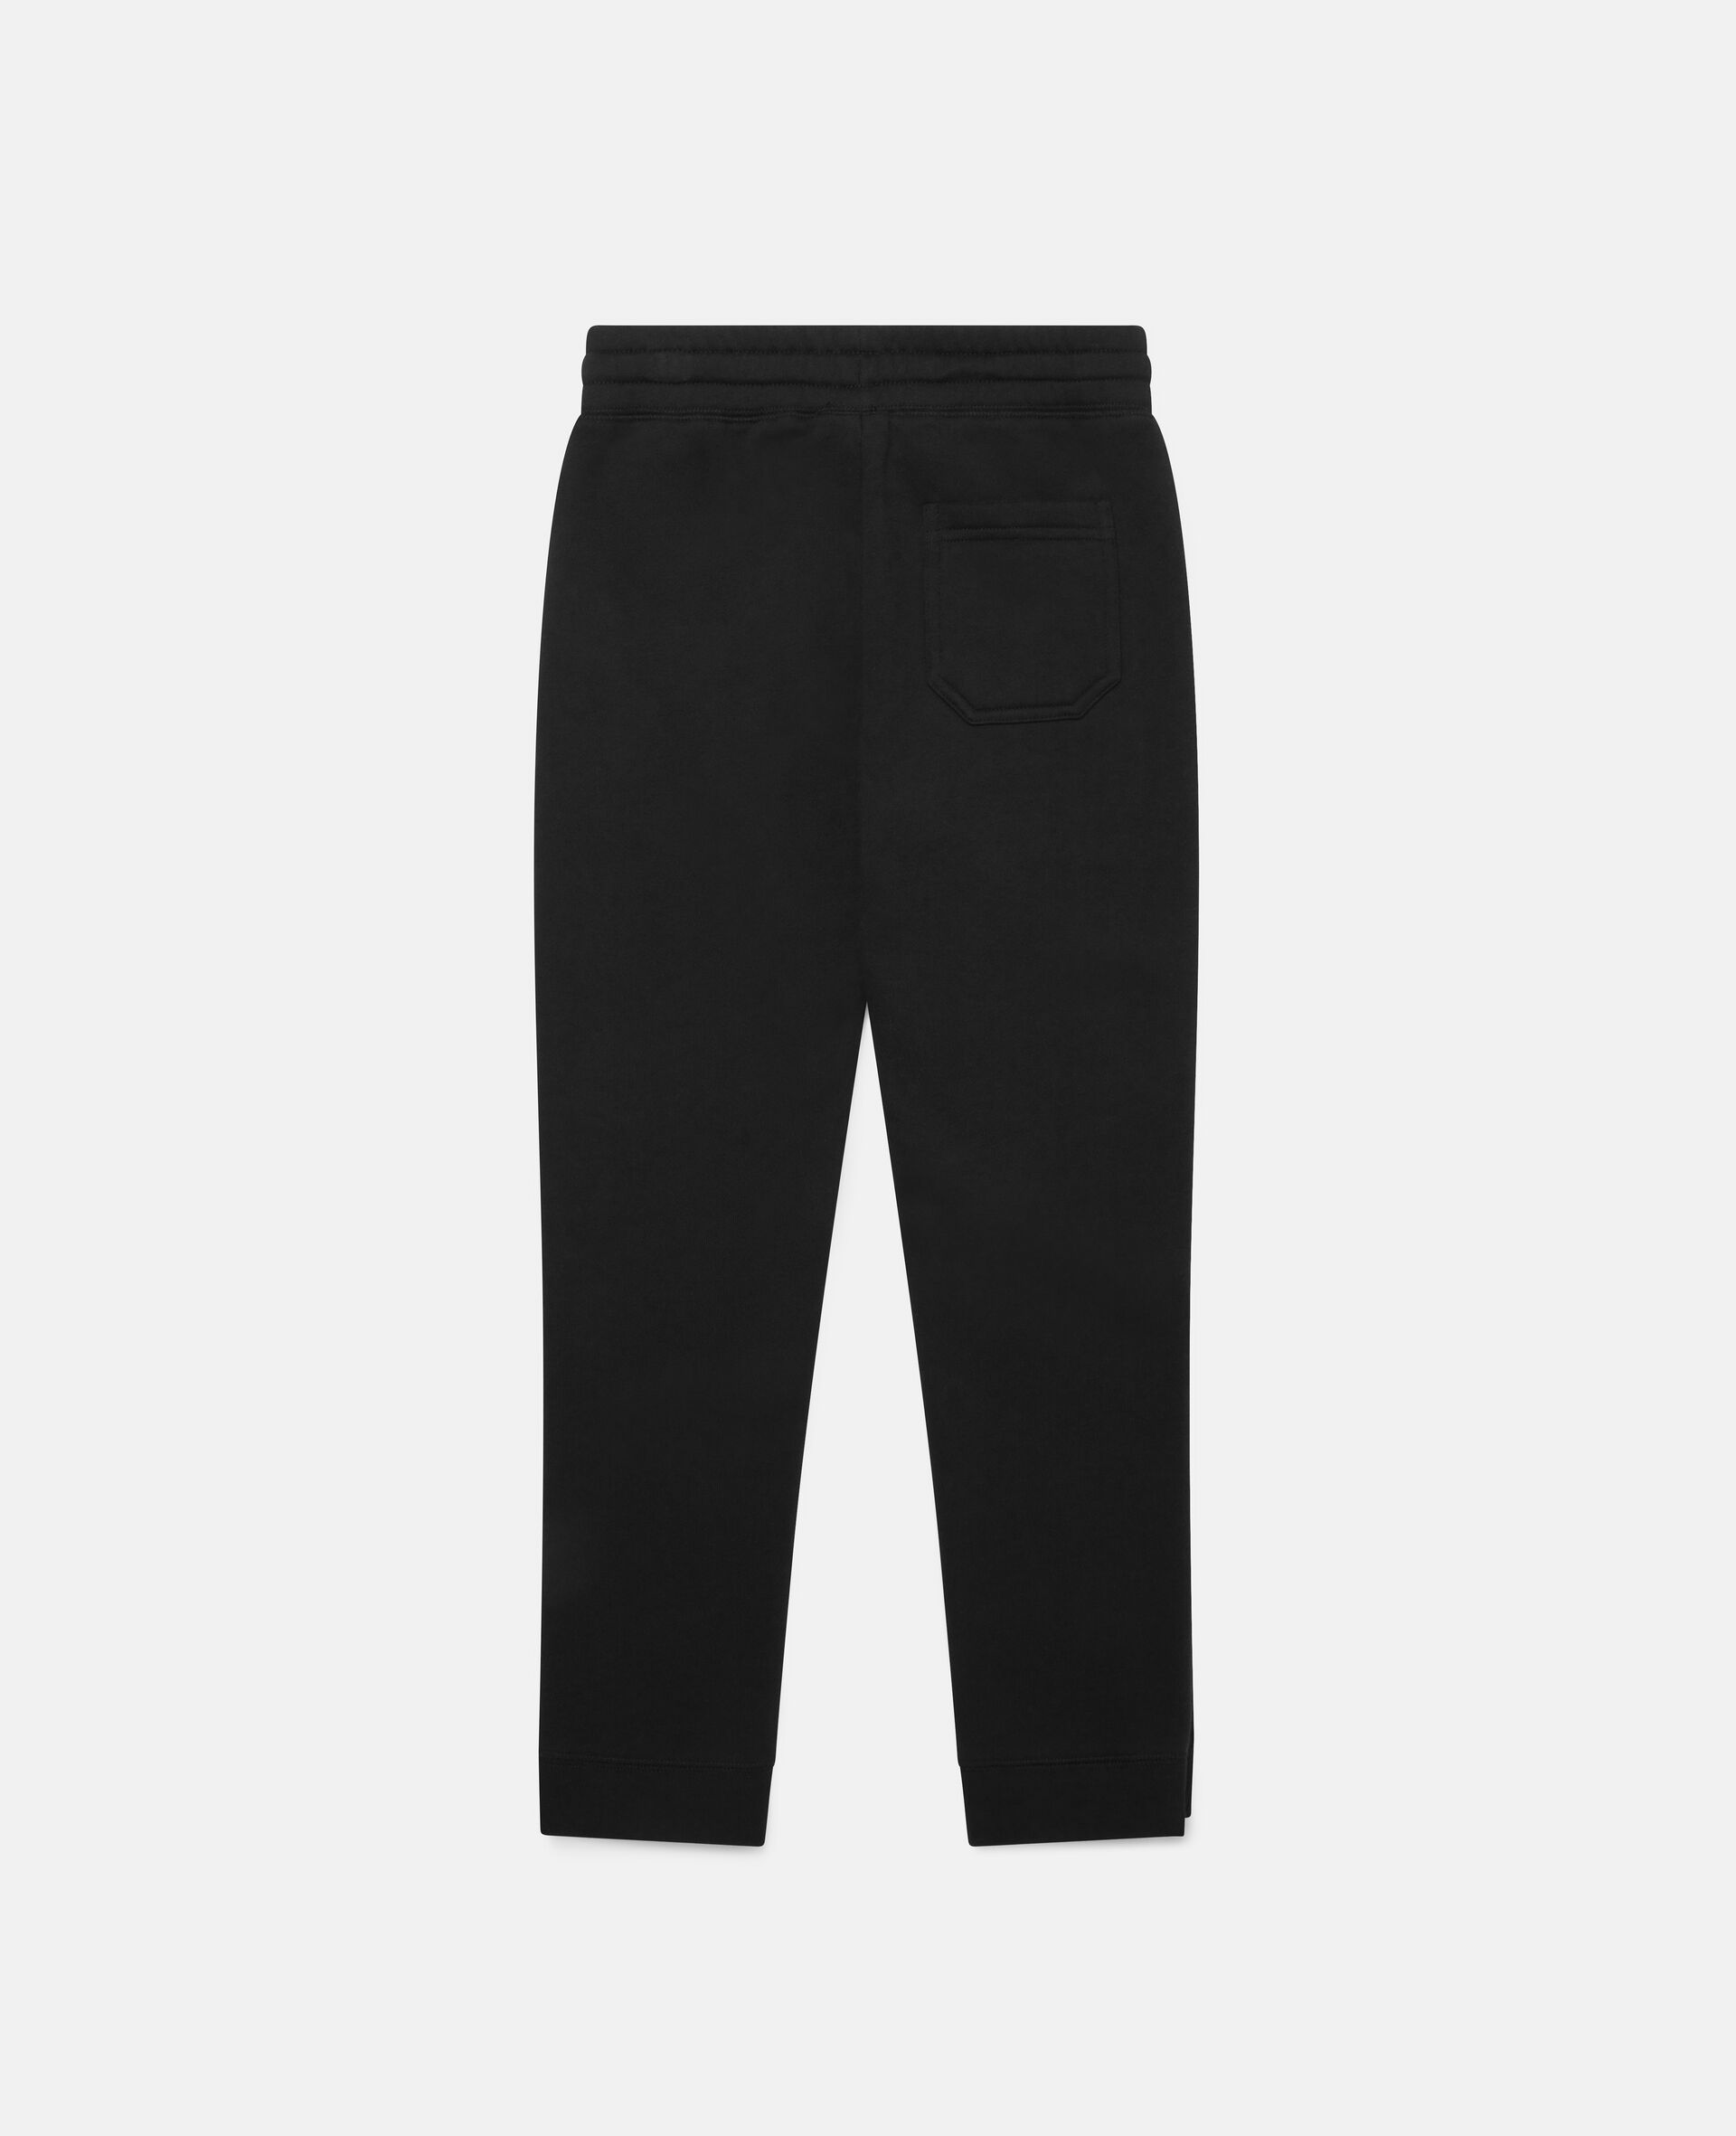 Pantalon de jogging en polaire-Noir-large image number 3